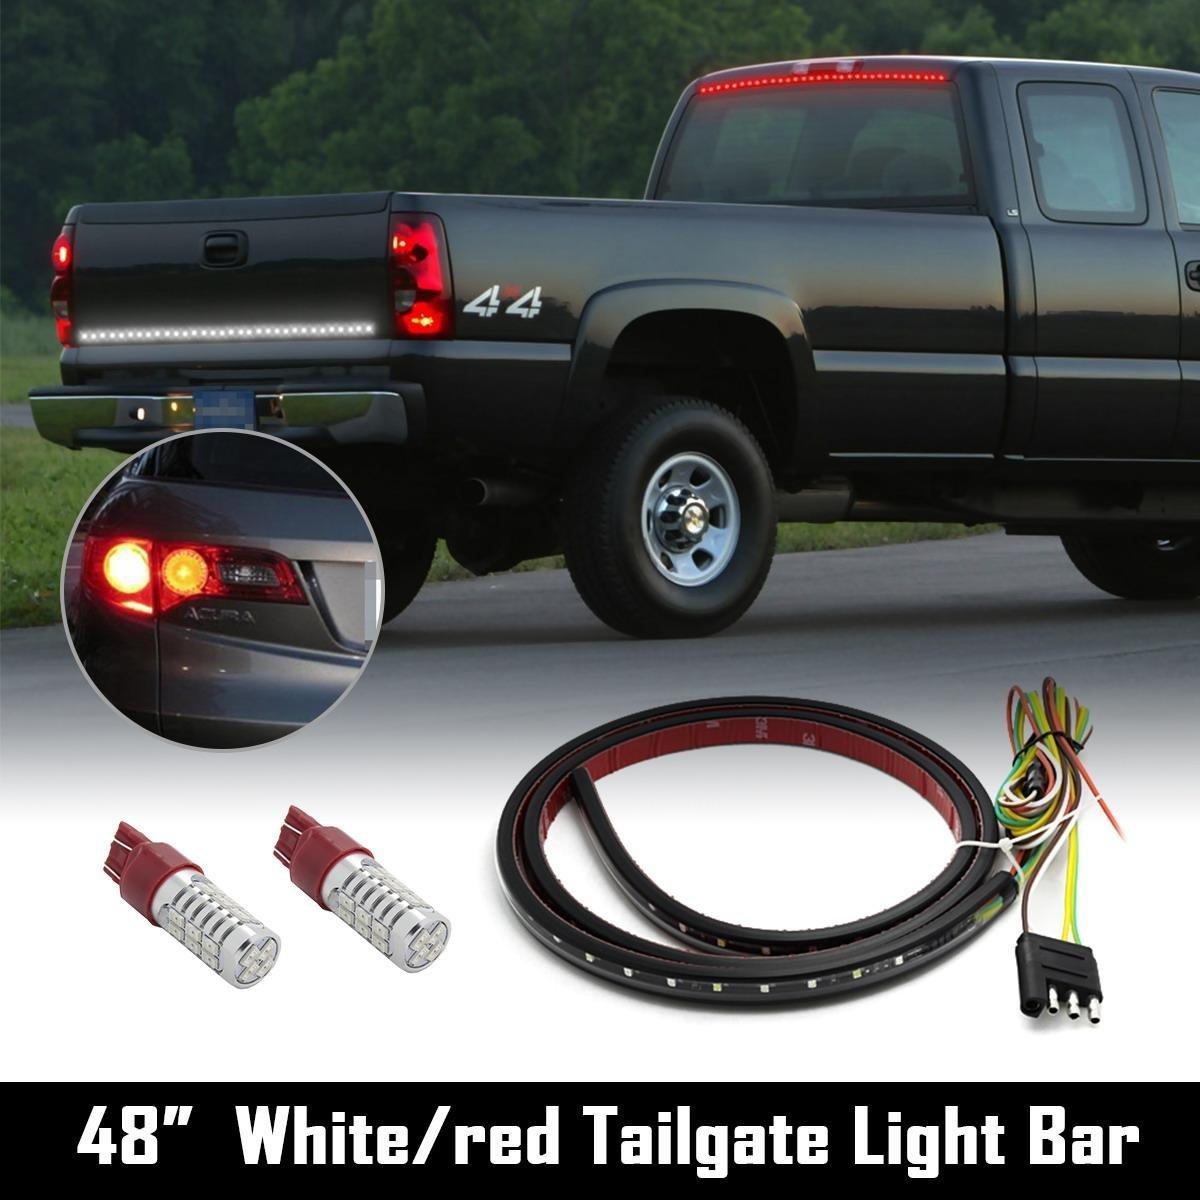 """Partsam Universal Red/White LED Tailgate Light Bar 48"""" Tail Brake Backup+2x7443 Red LEDs"""